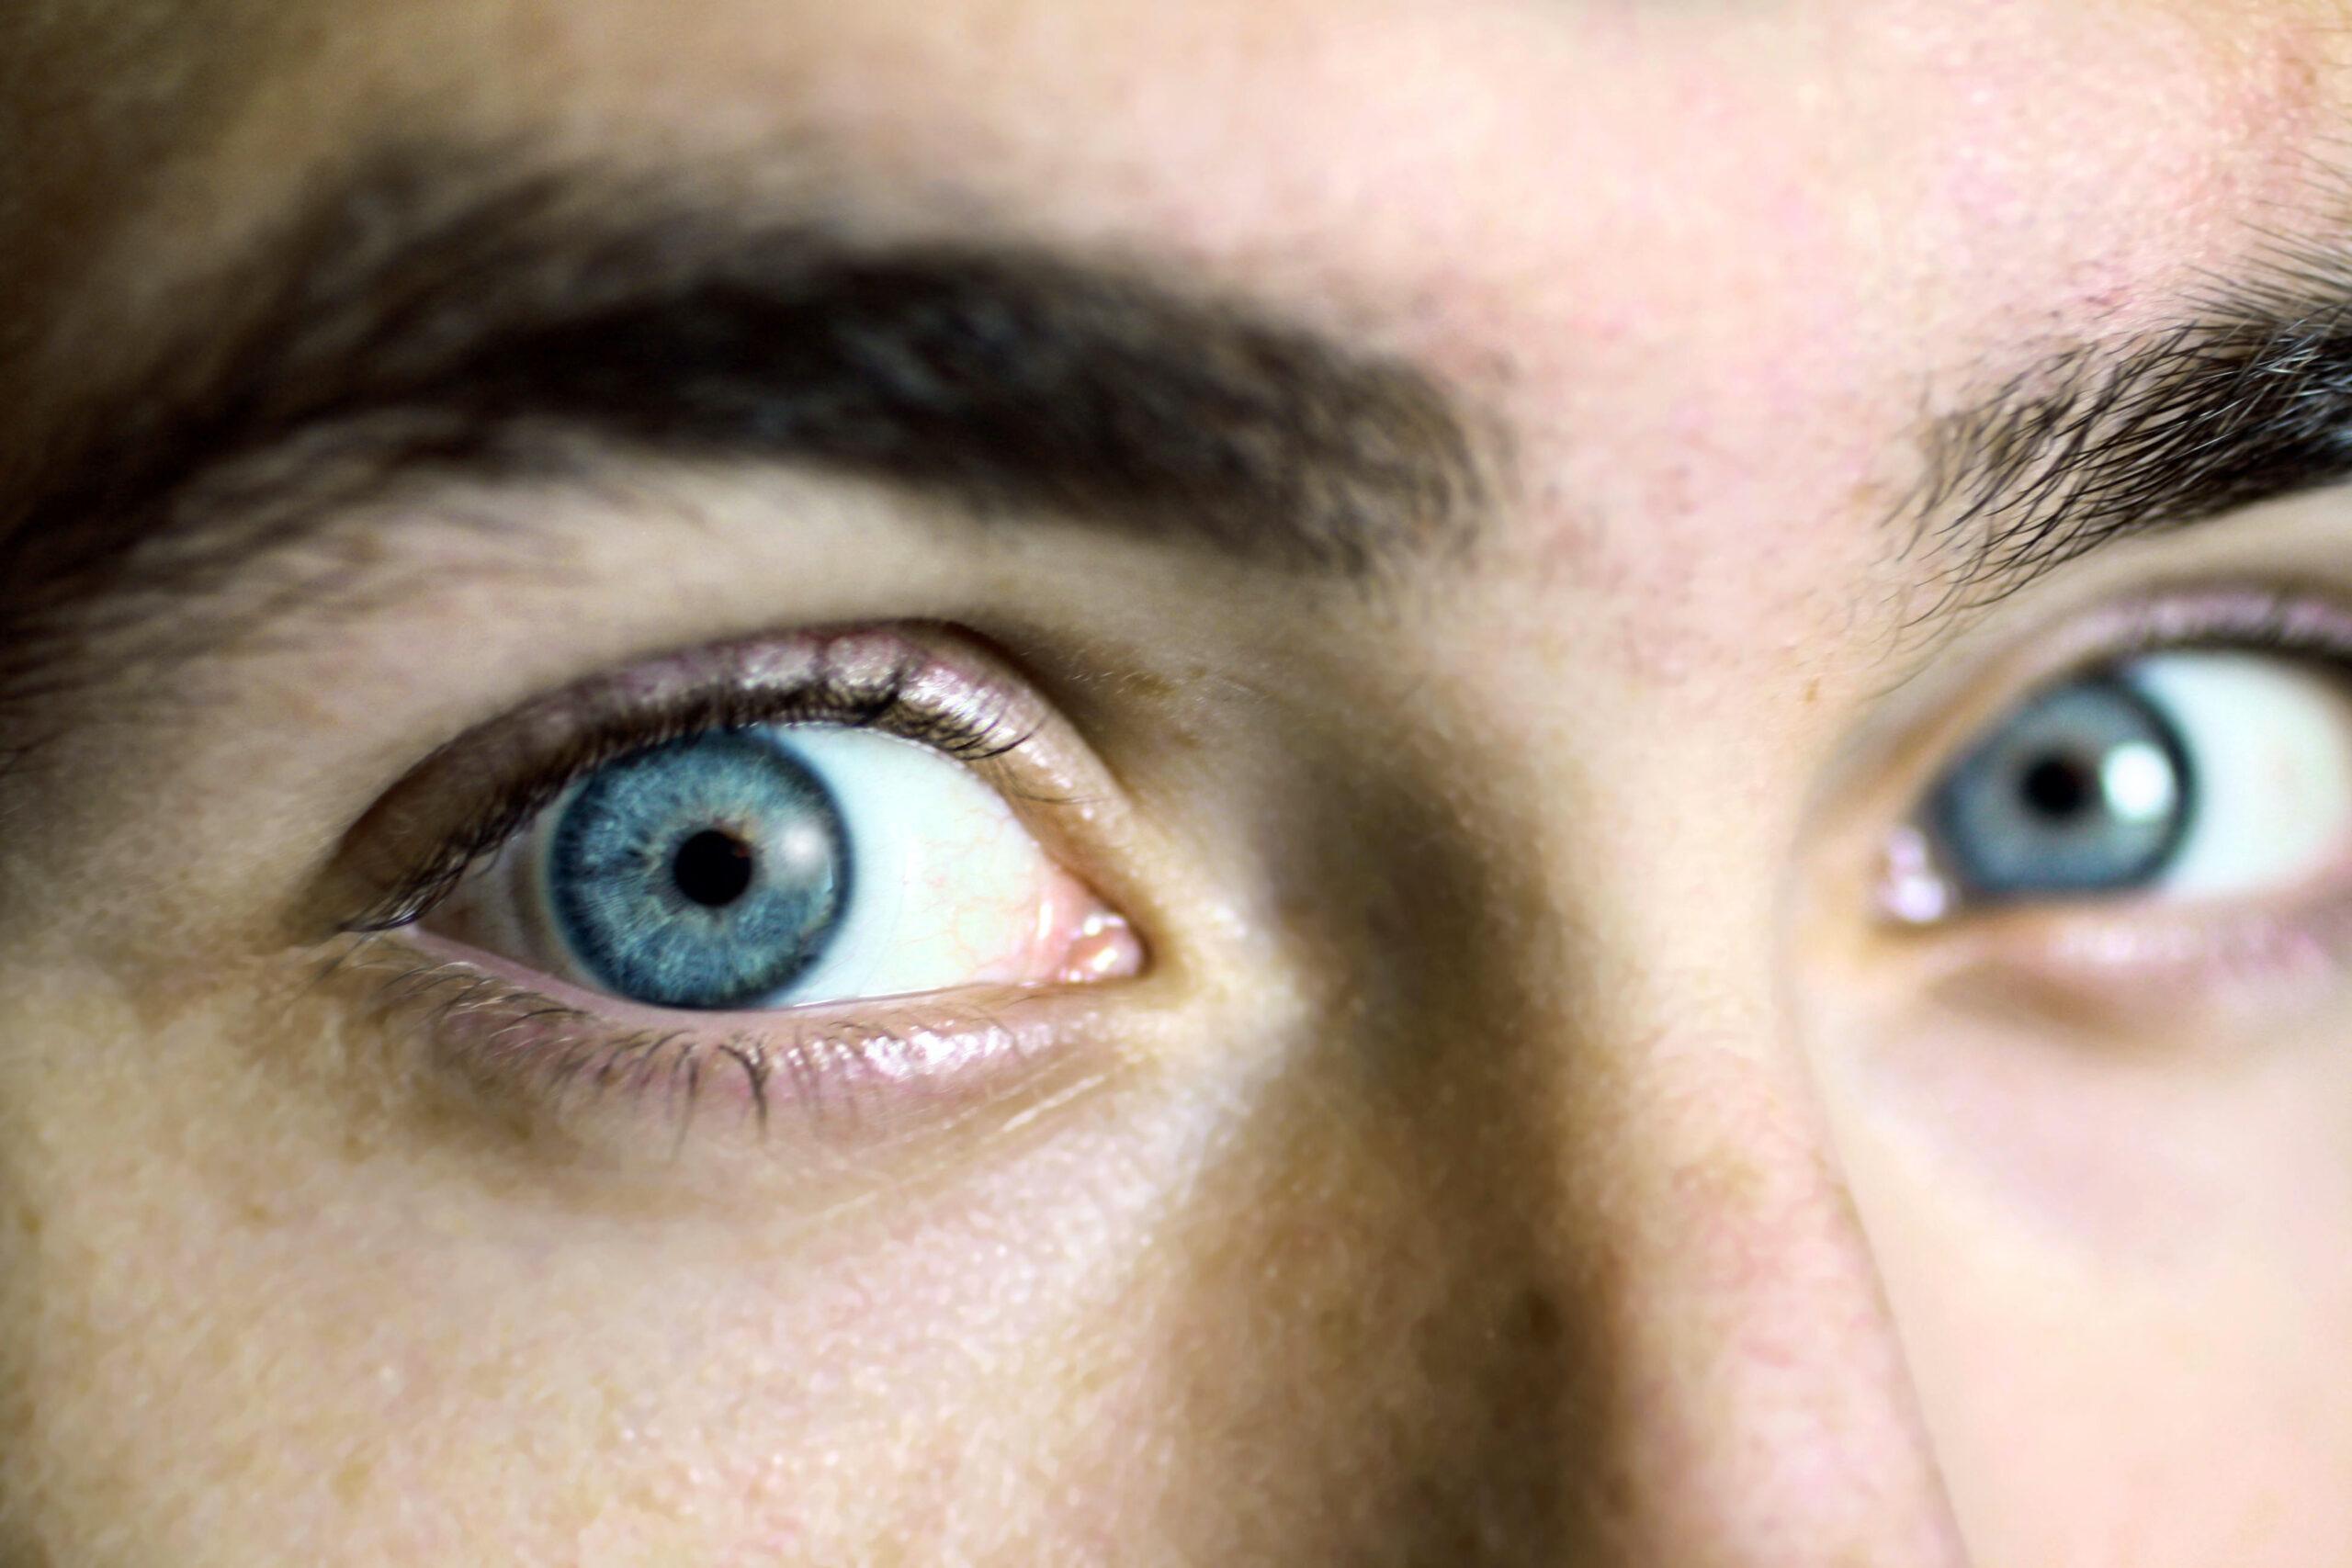 Image of eyes up close.